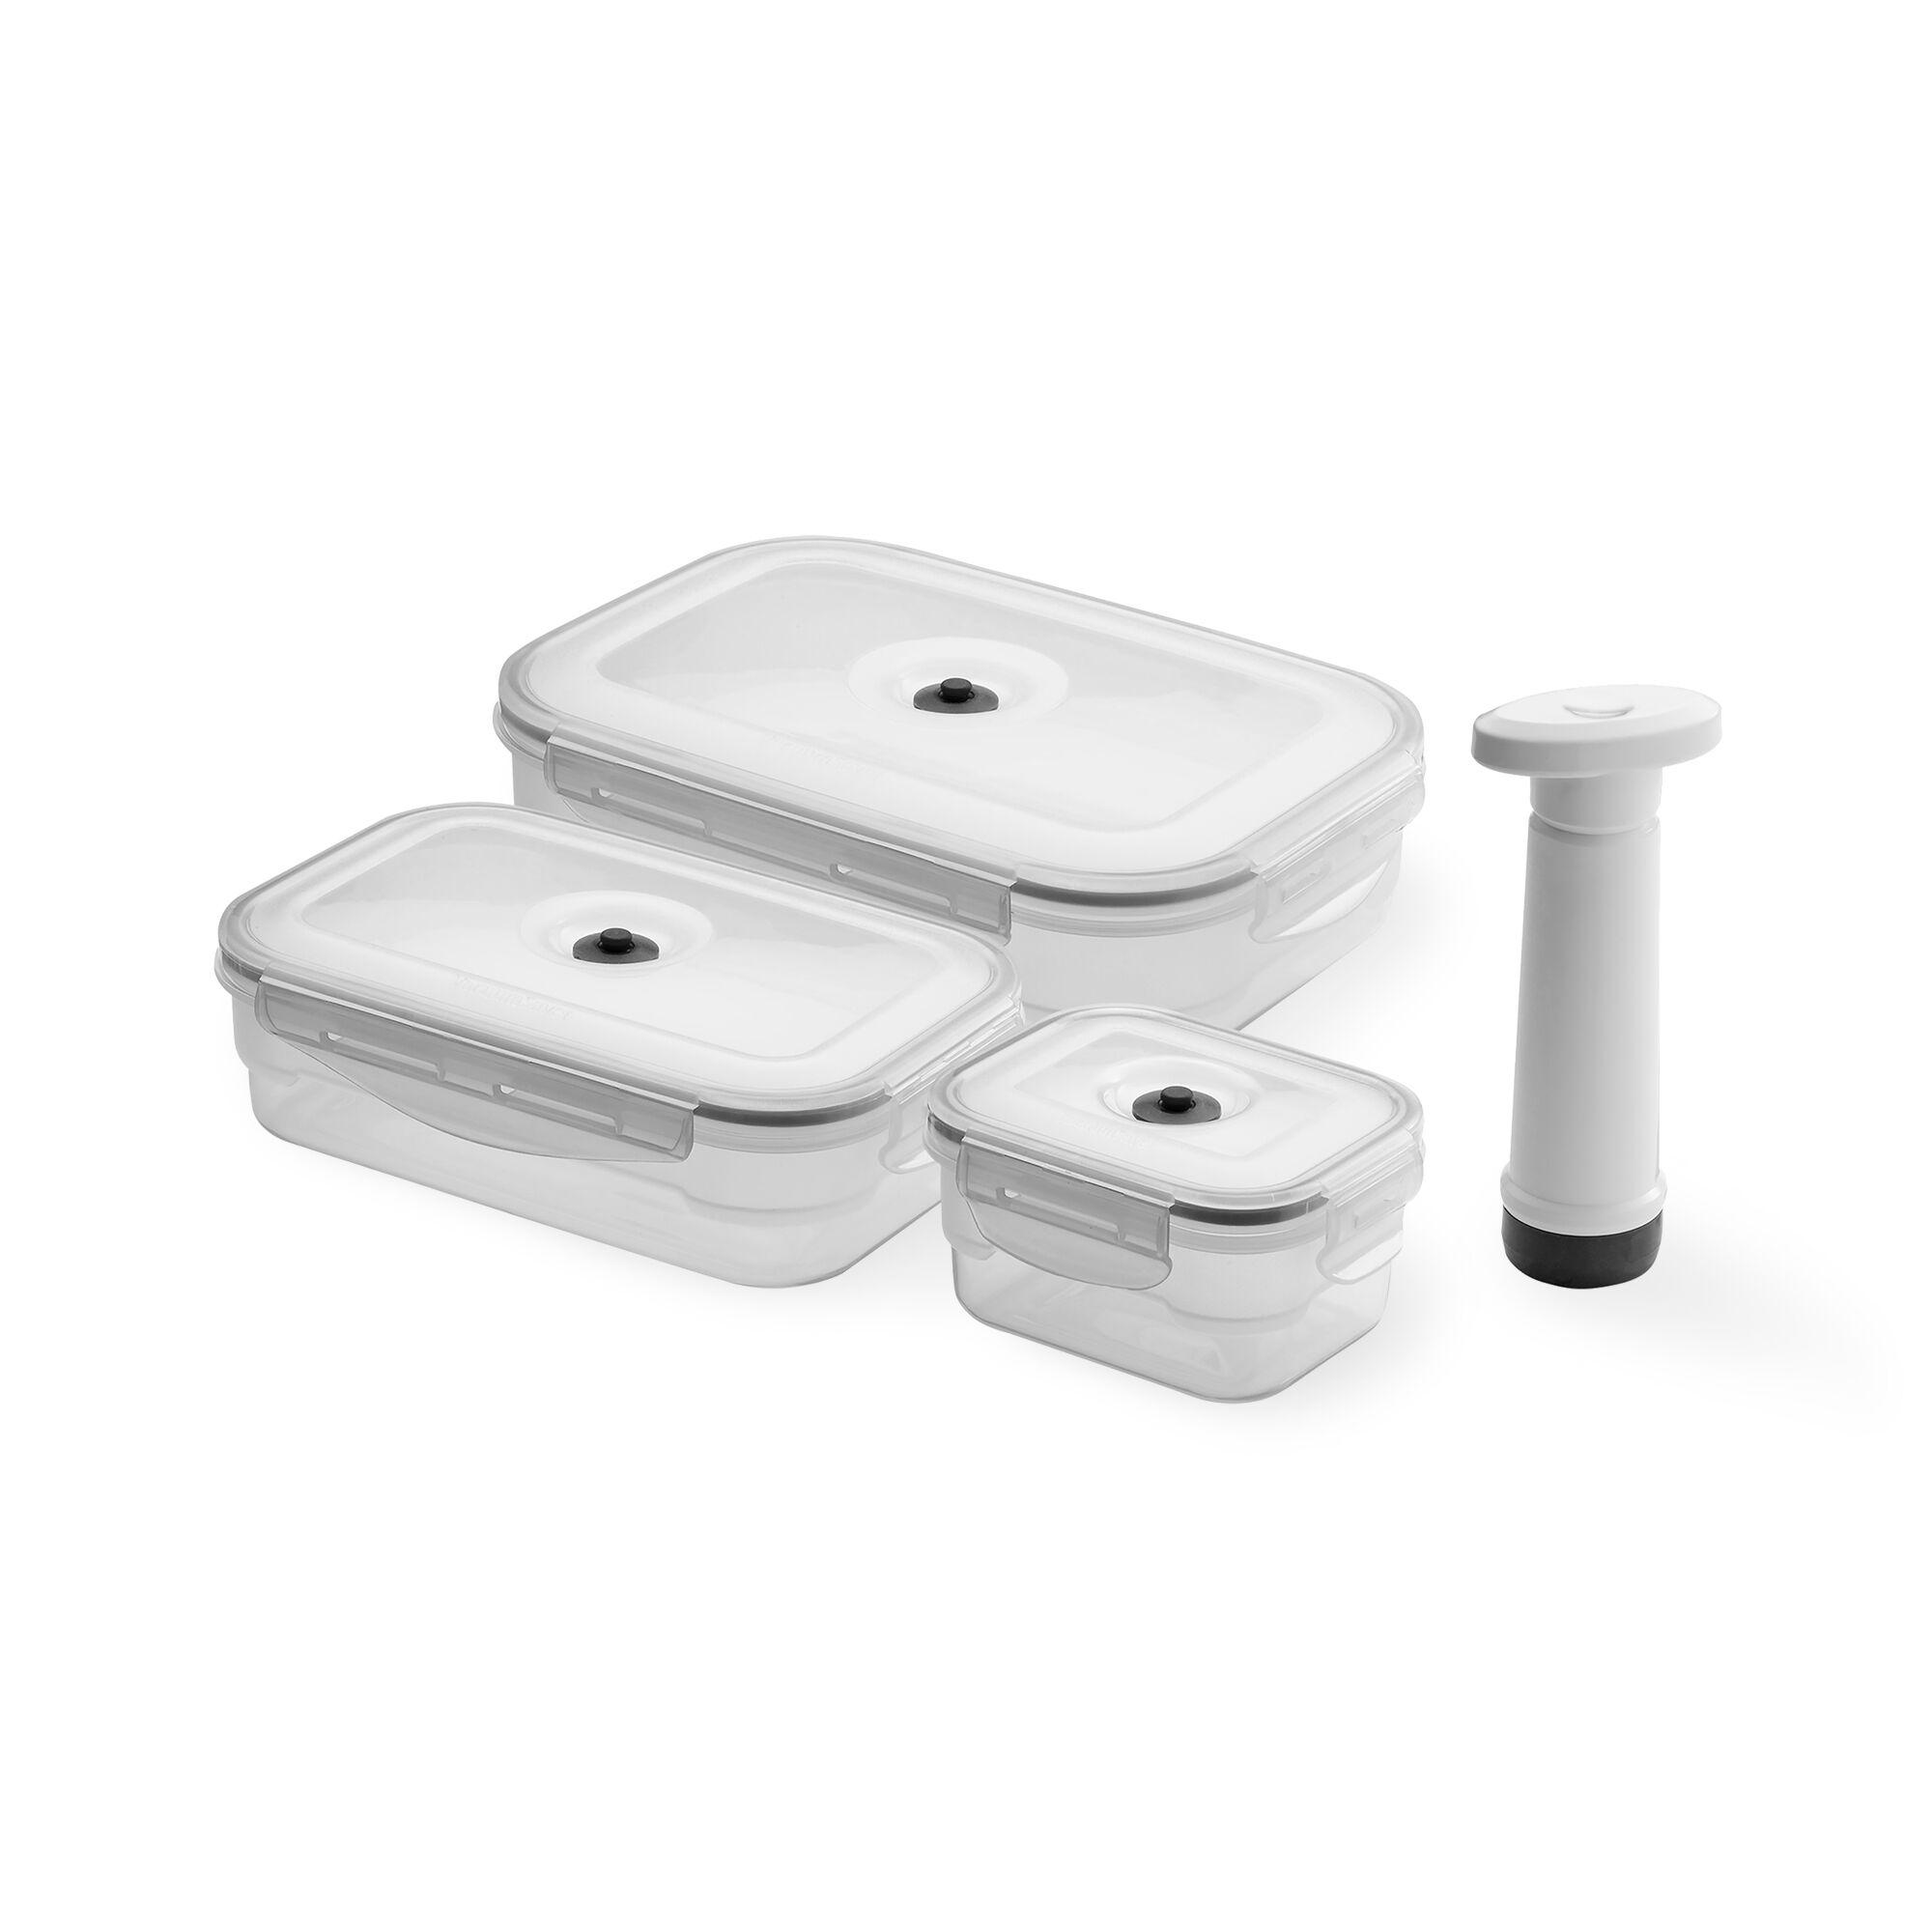 Compactor Lot de 3 boîtes alimentaires sous vide + pompe